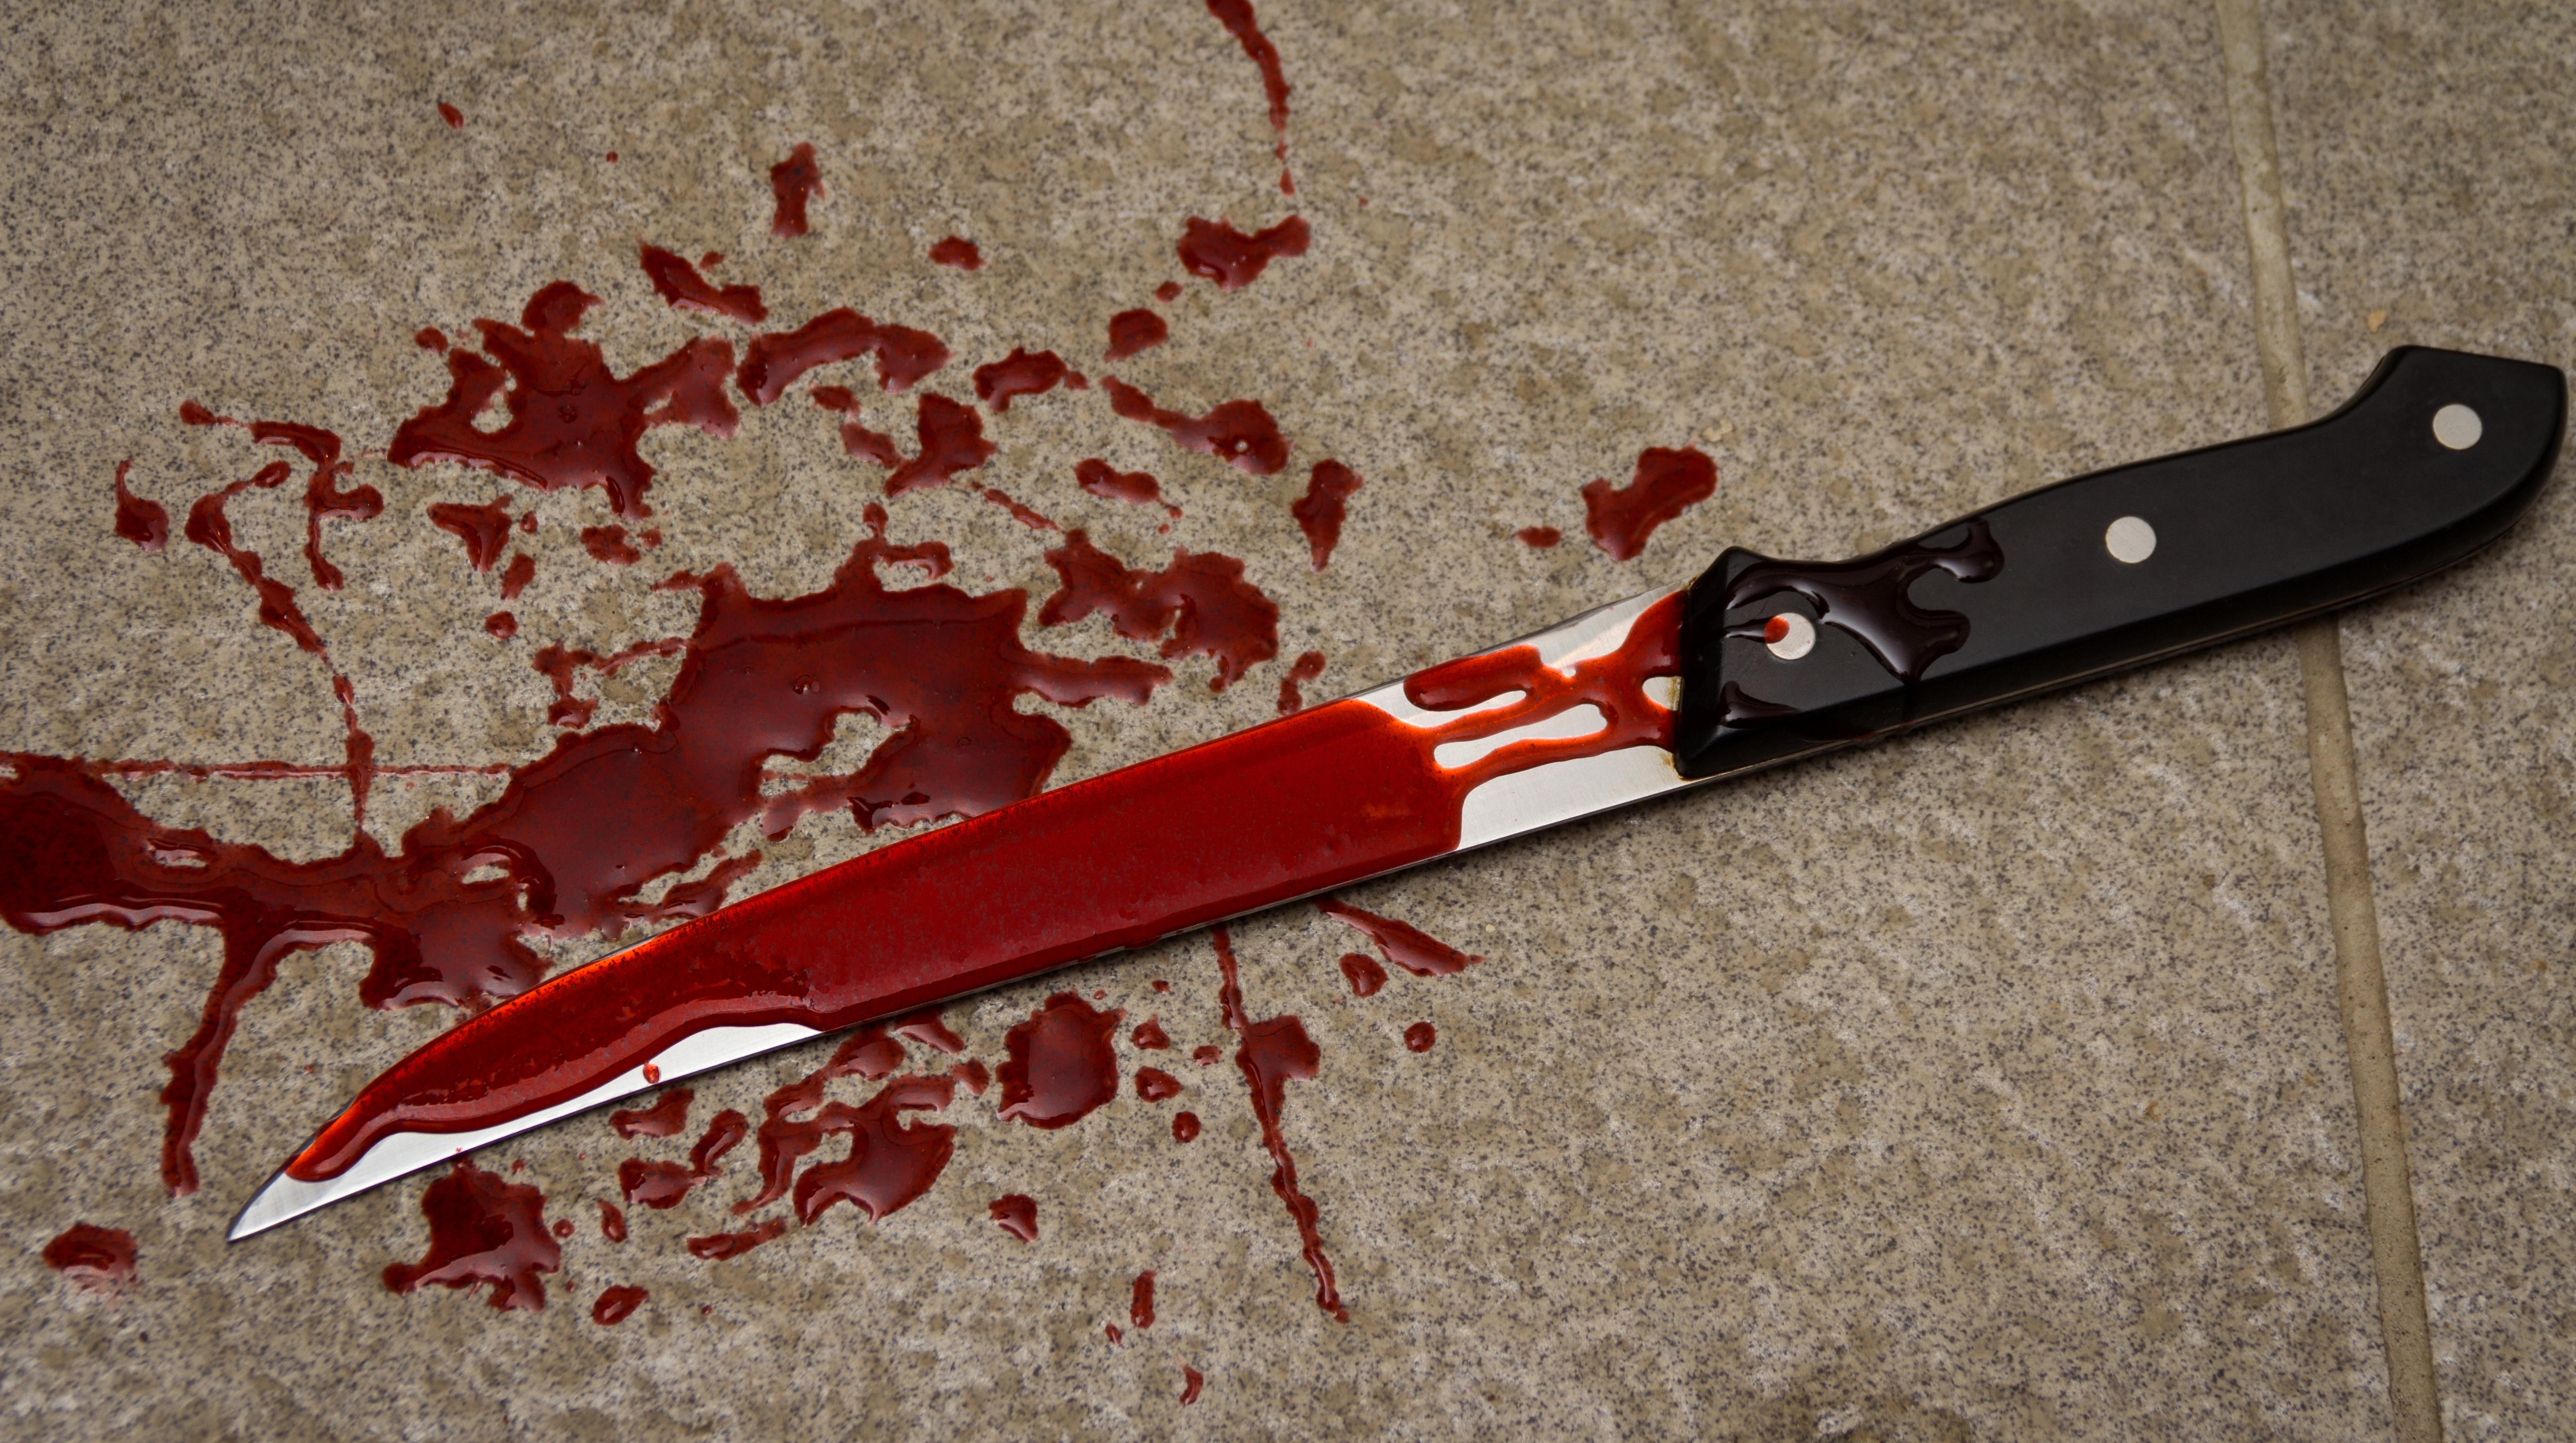 שחרור ממעצר אדם שהואשם שדקר בסכין קטין ופצע אותו קשה